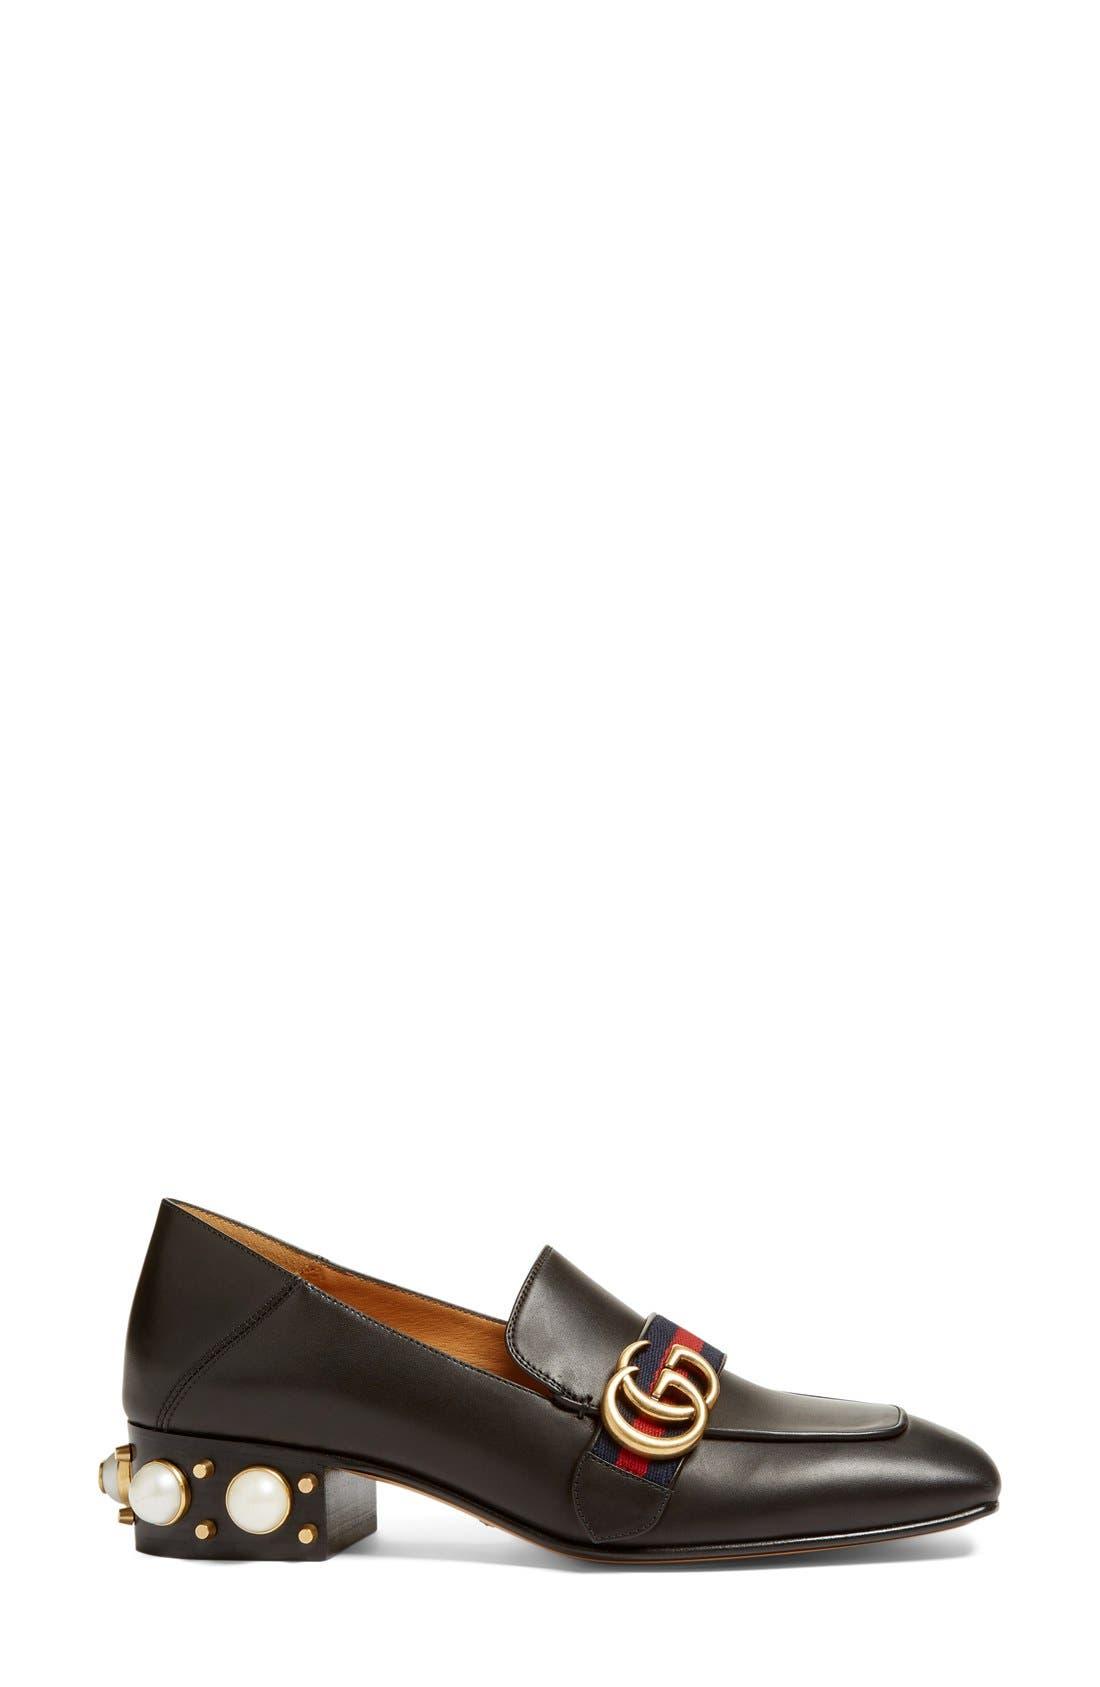 Peyton Embellished Heel Loafer,                             Alternate thumbnail 3, color,                             Black Leather